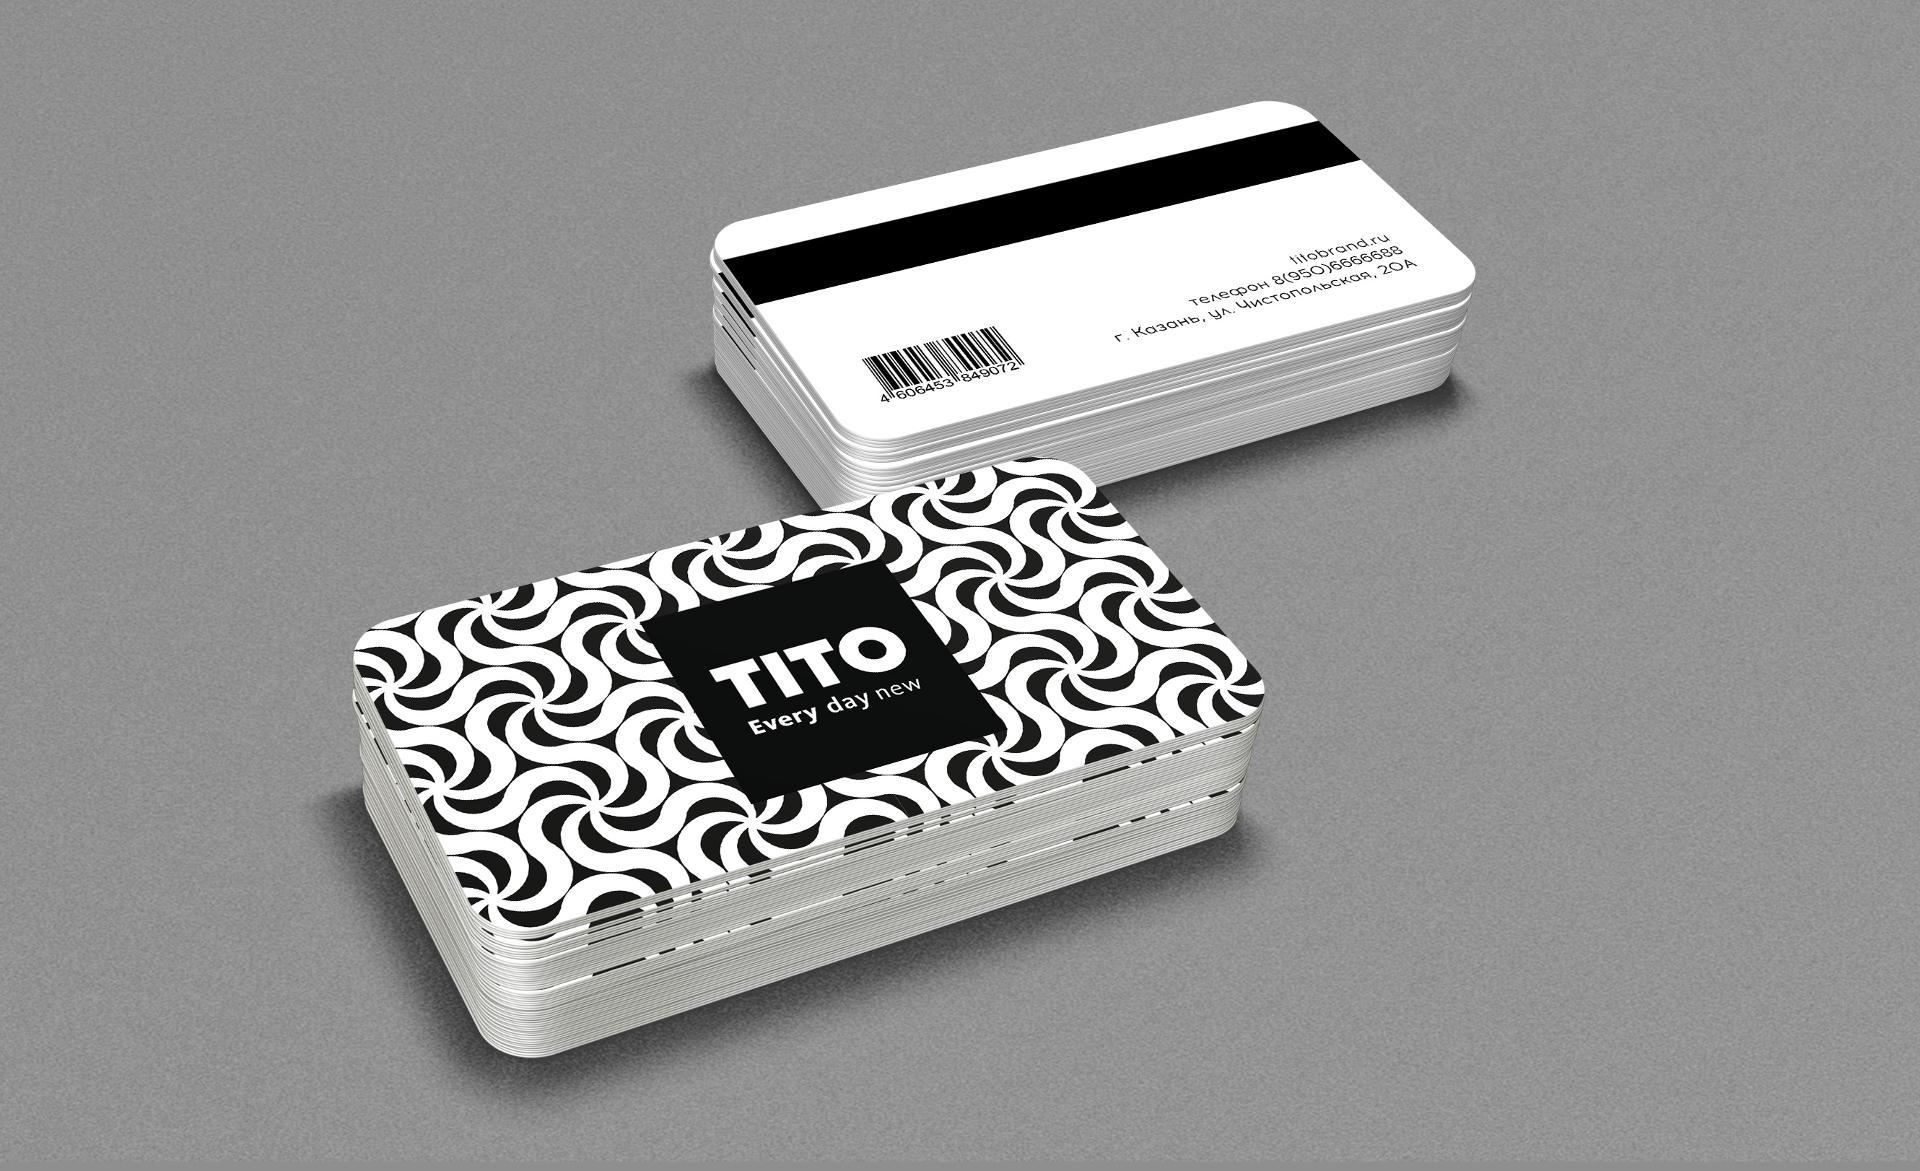 Создание логотипа для бренда одежды, Clothing brand logo design